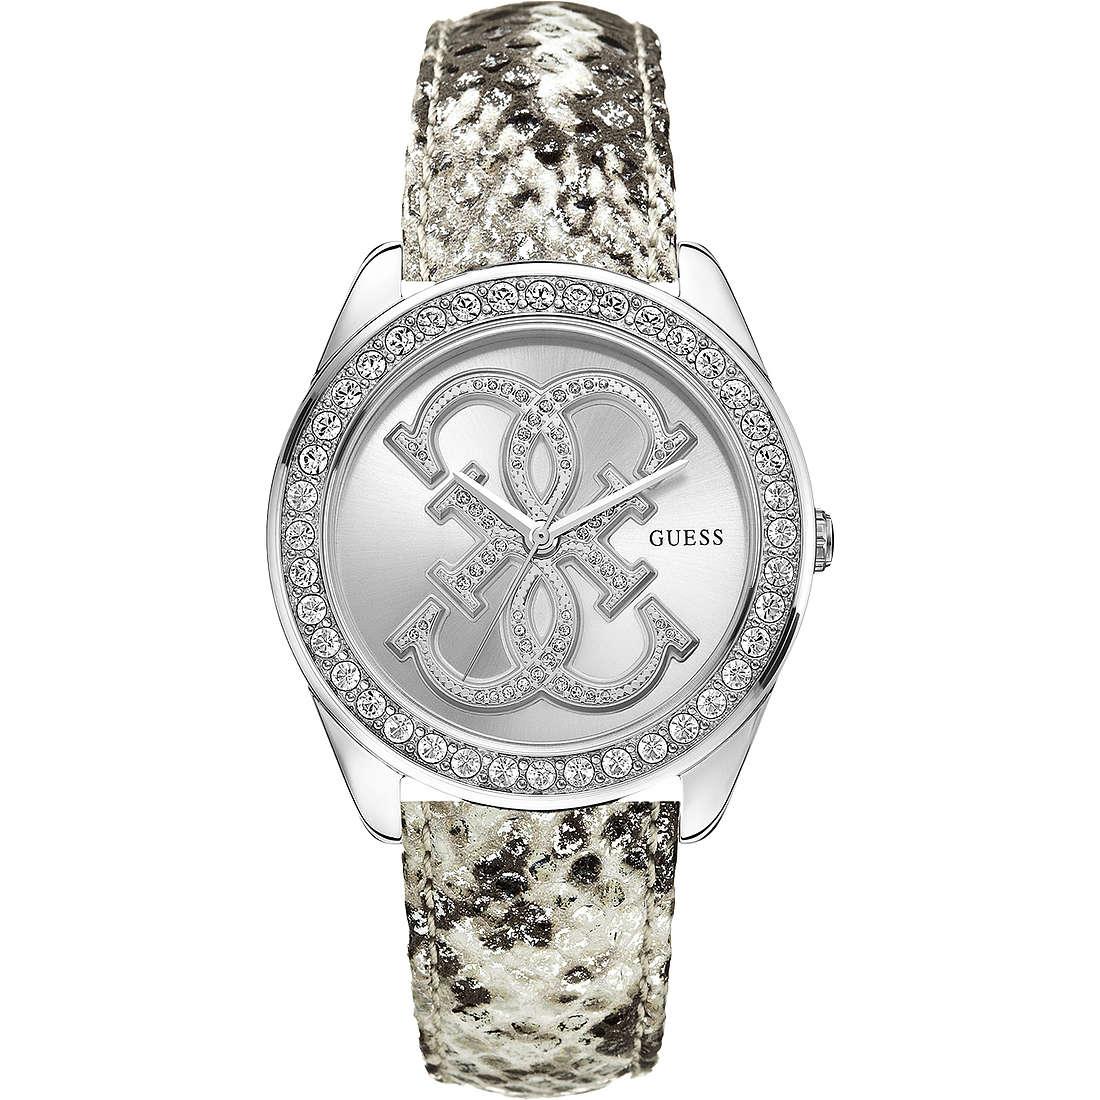 orologio solo tempo donna Guess Settembre 2013 W0023L3